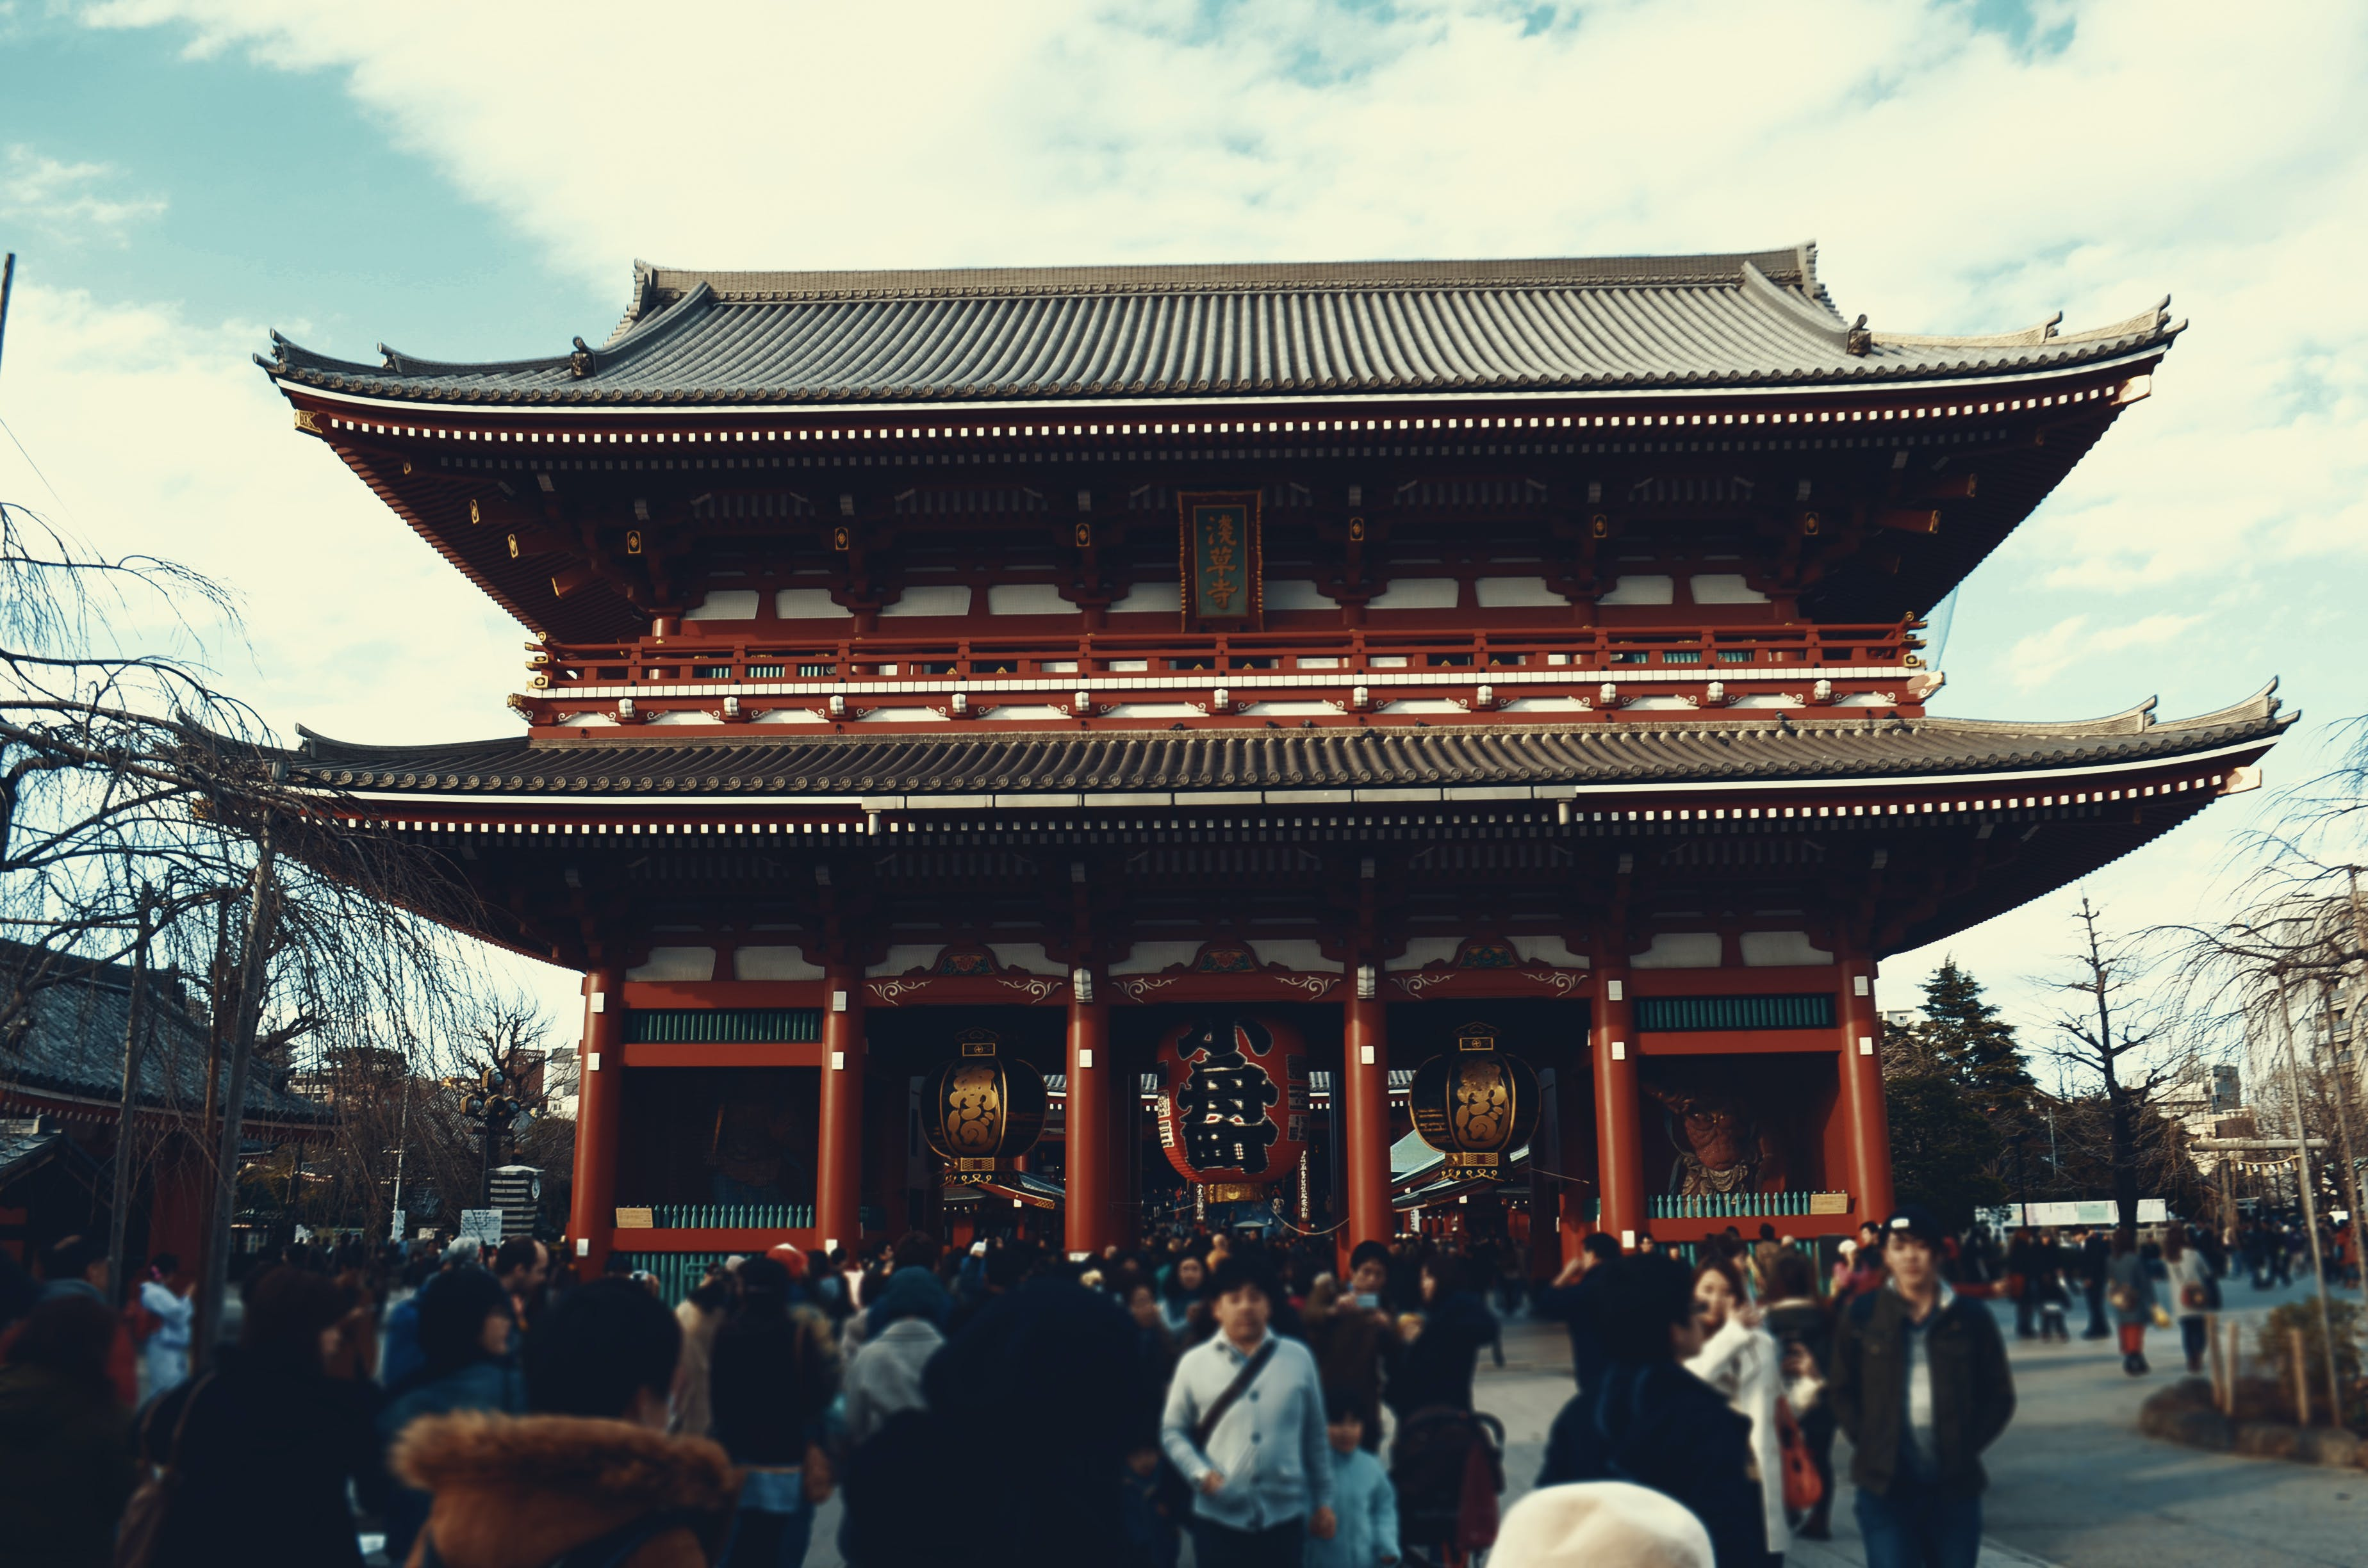 Kostenloses Stock Foto zu asakusa, ein ort für touristen, eingang, festival